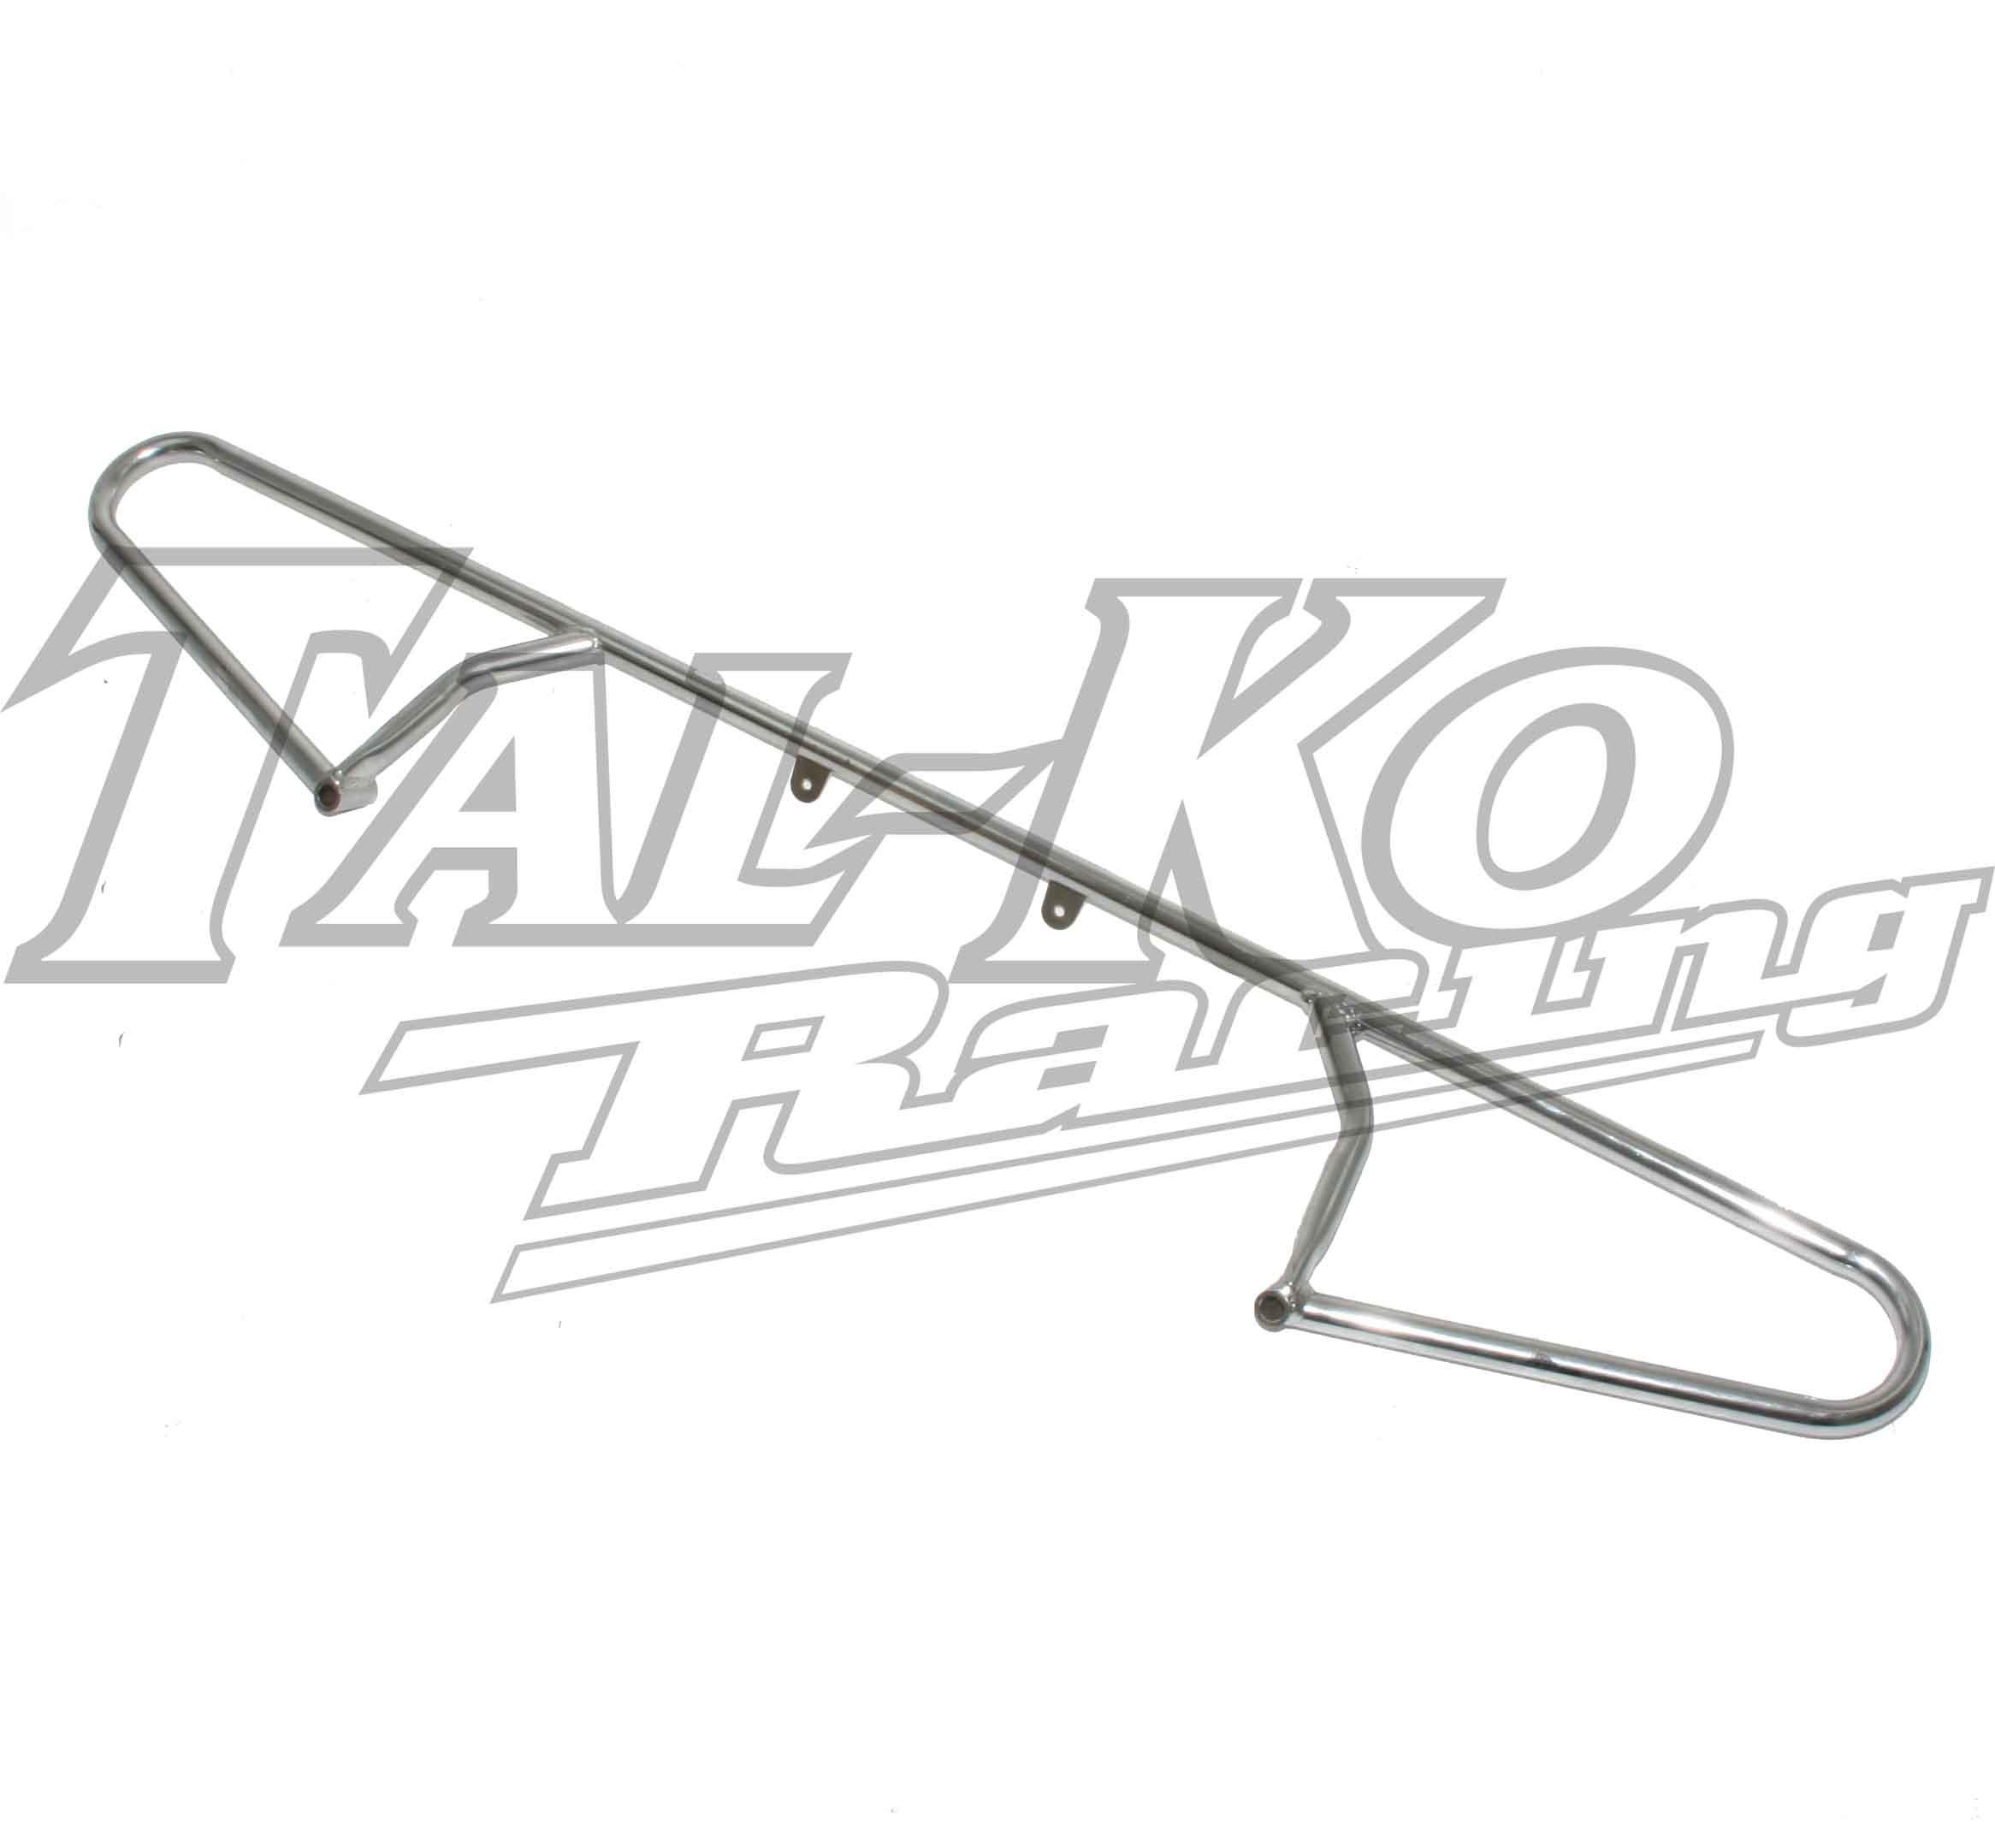 TAL-KO REAR BUMPER 1200615M12